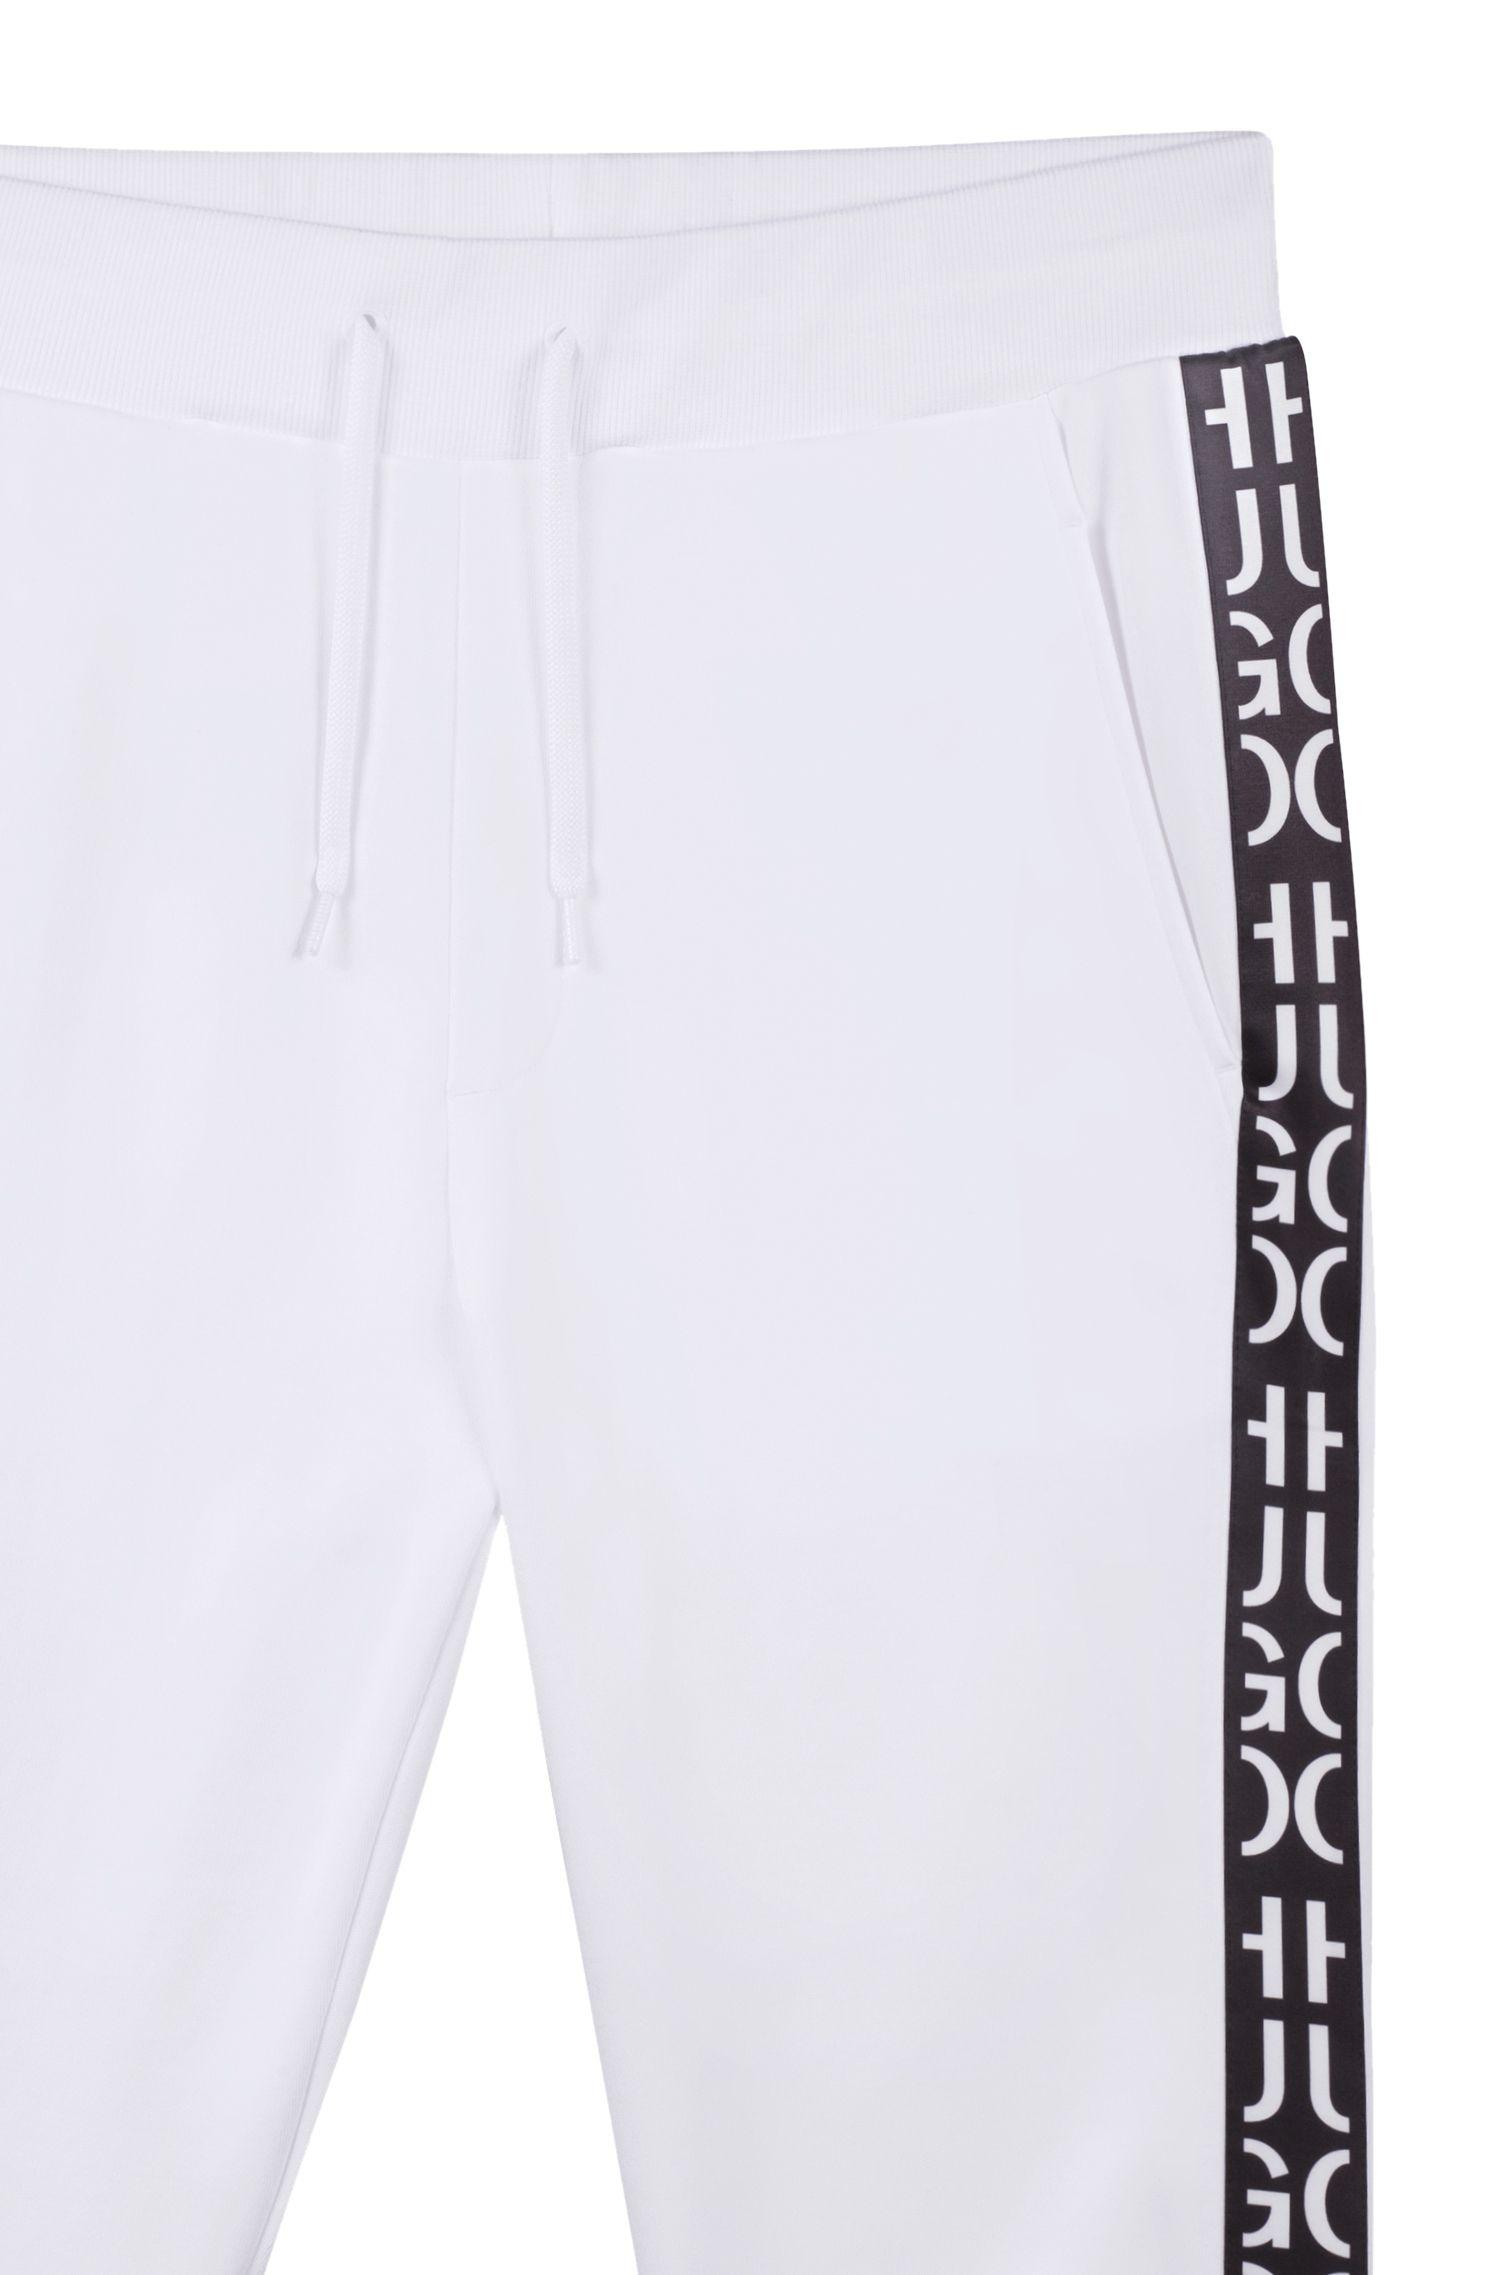 Pantaloni da jogging in cotone intrecciato con fondo gamba elastico e nastro ispirato al logo, Bianco